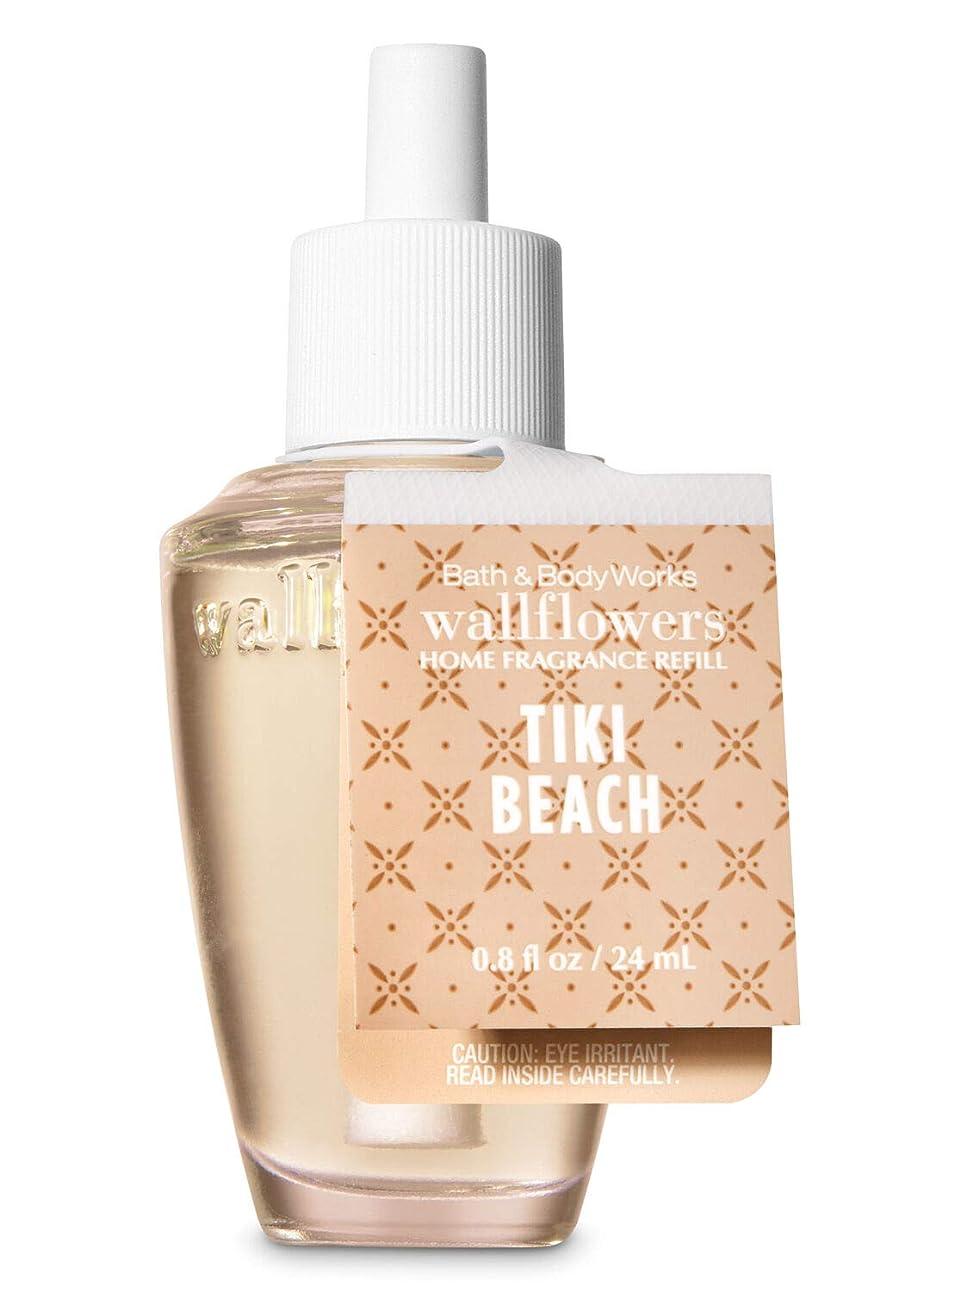 ペルメルボックスアルファベット【Bath&Body Works/バス&ボディワークス】 ルームフレグランス 詰替えリフィル ティキビーチ Wallflowers Home Fragrance Refill Tiki Beach [並行輸入品]